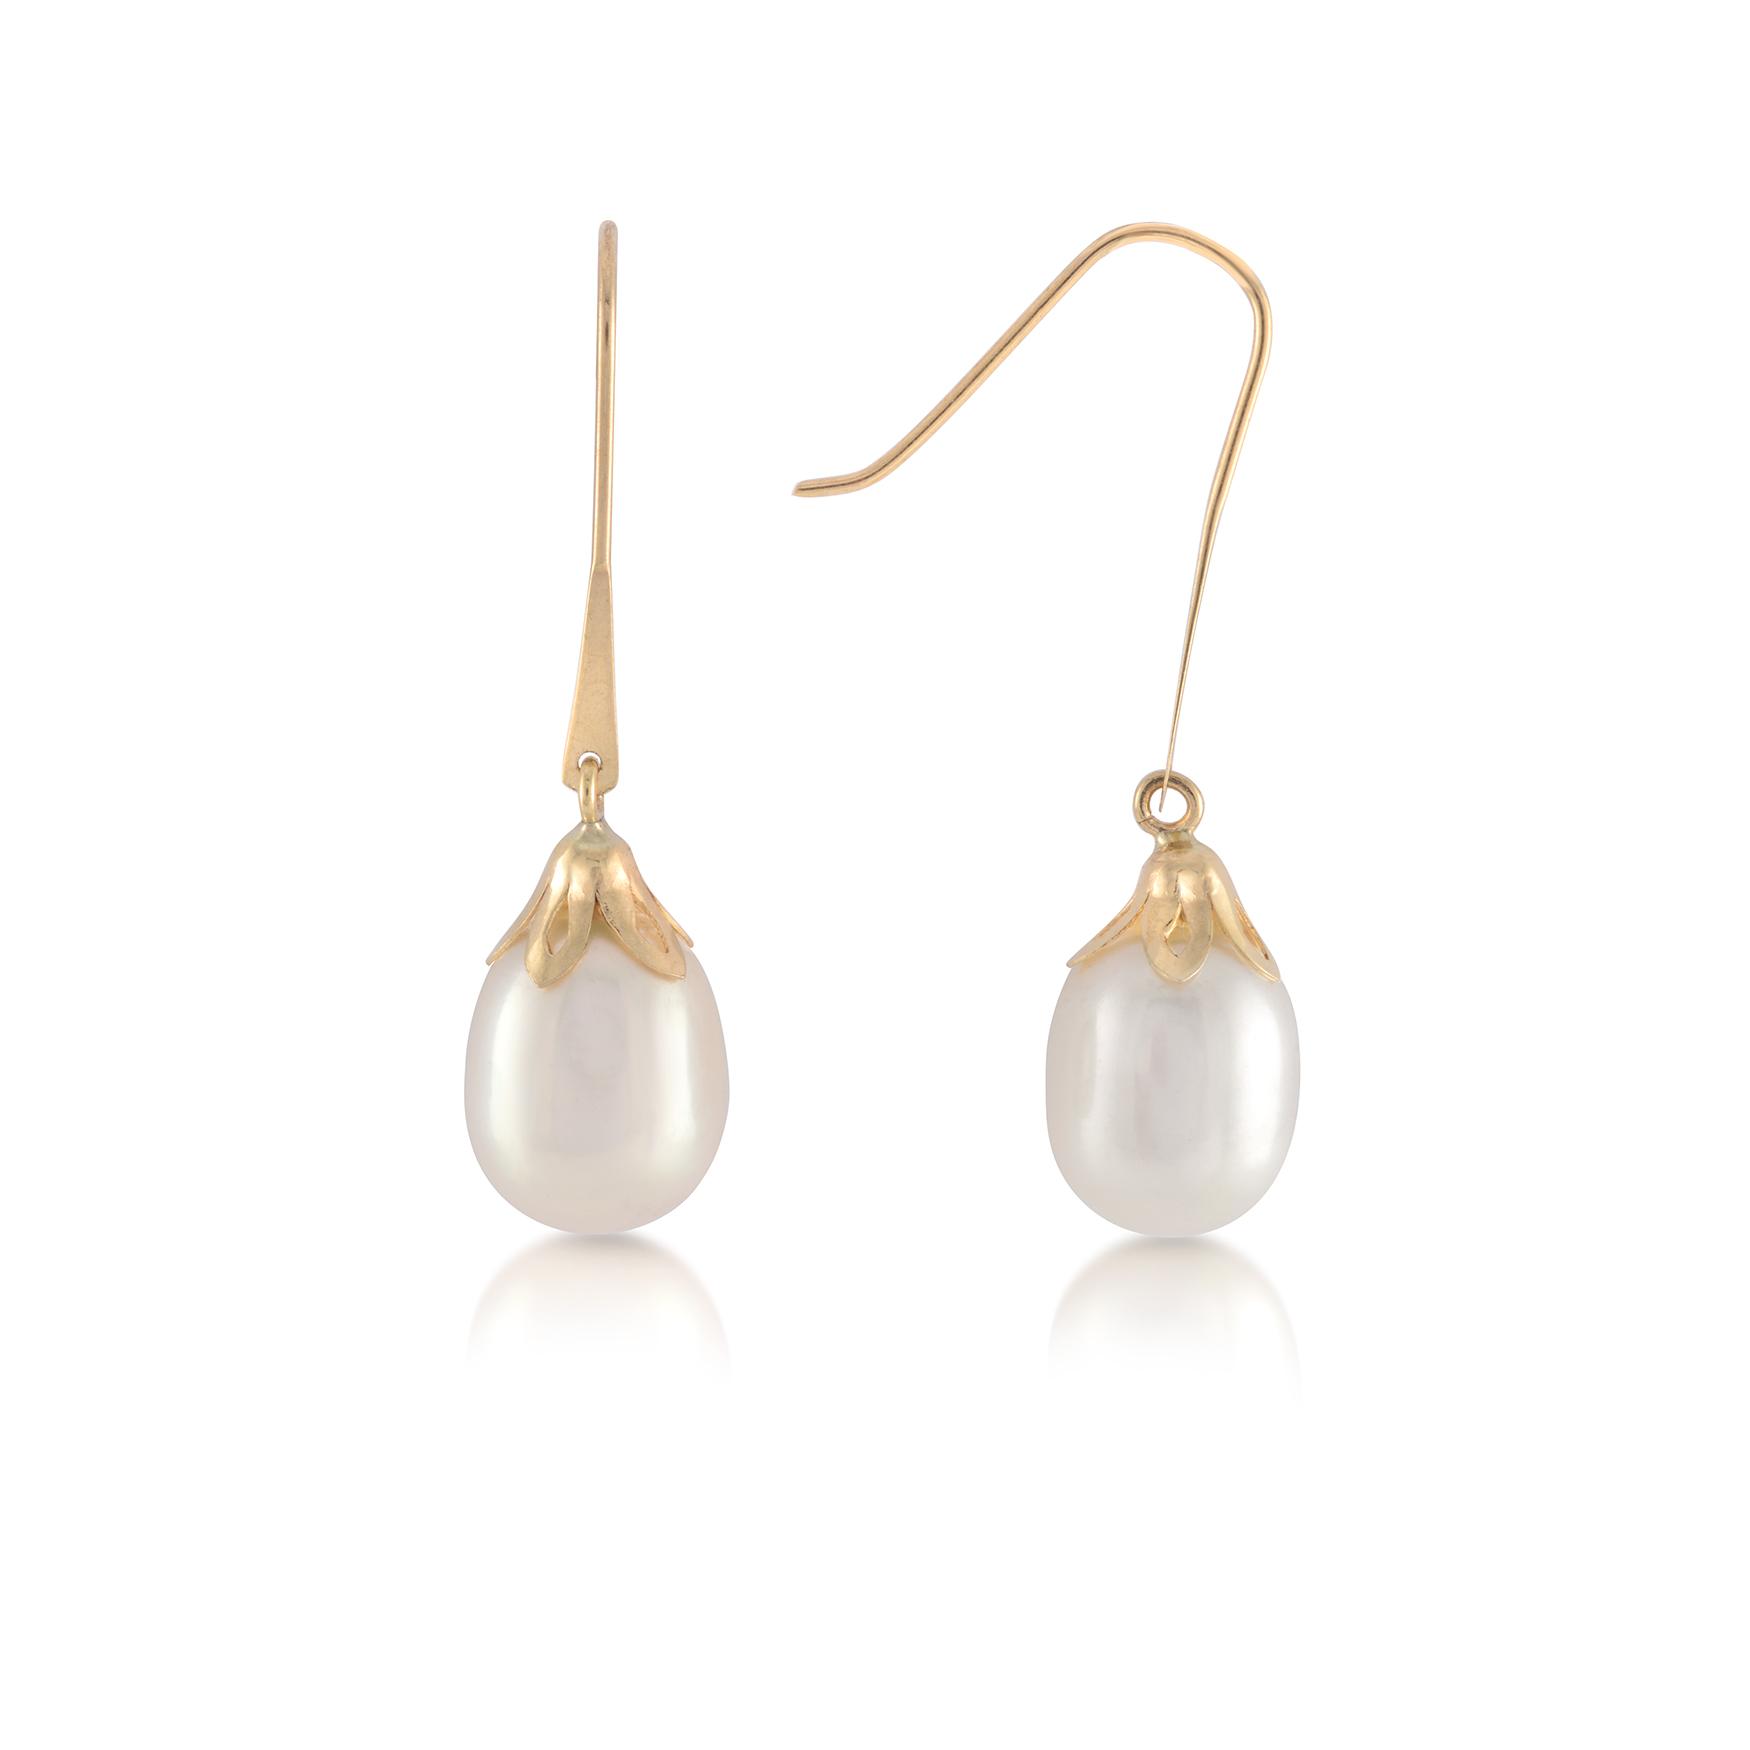 Dangling fresh water pearl earrings in 10K yellow gold